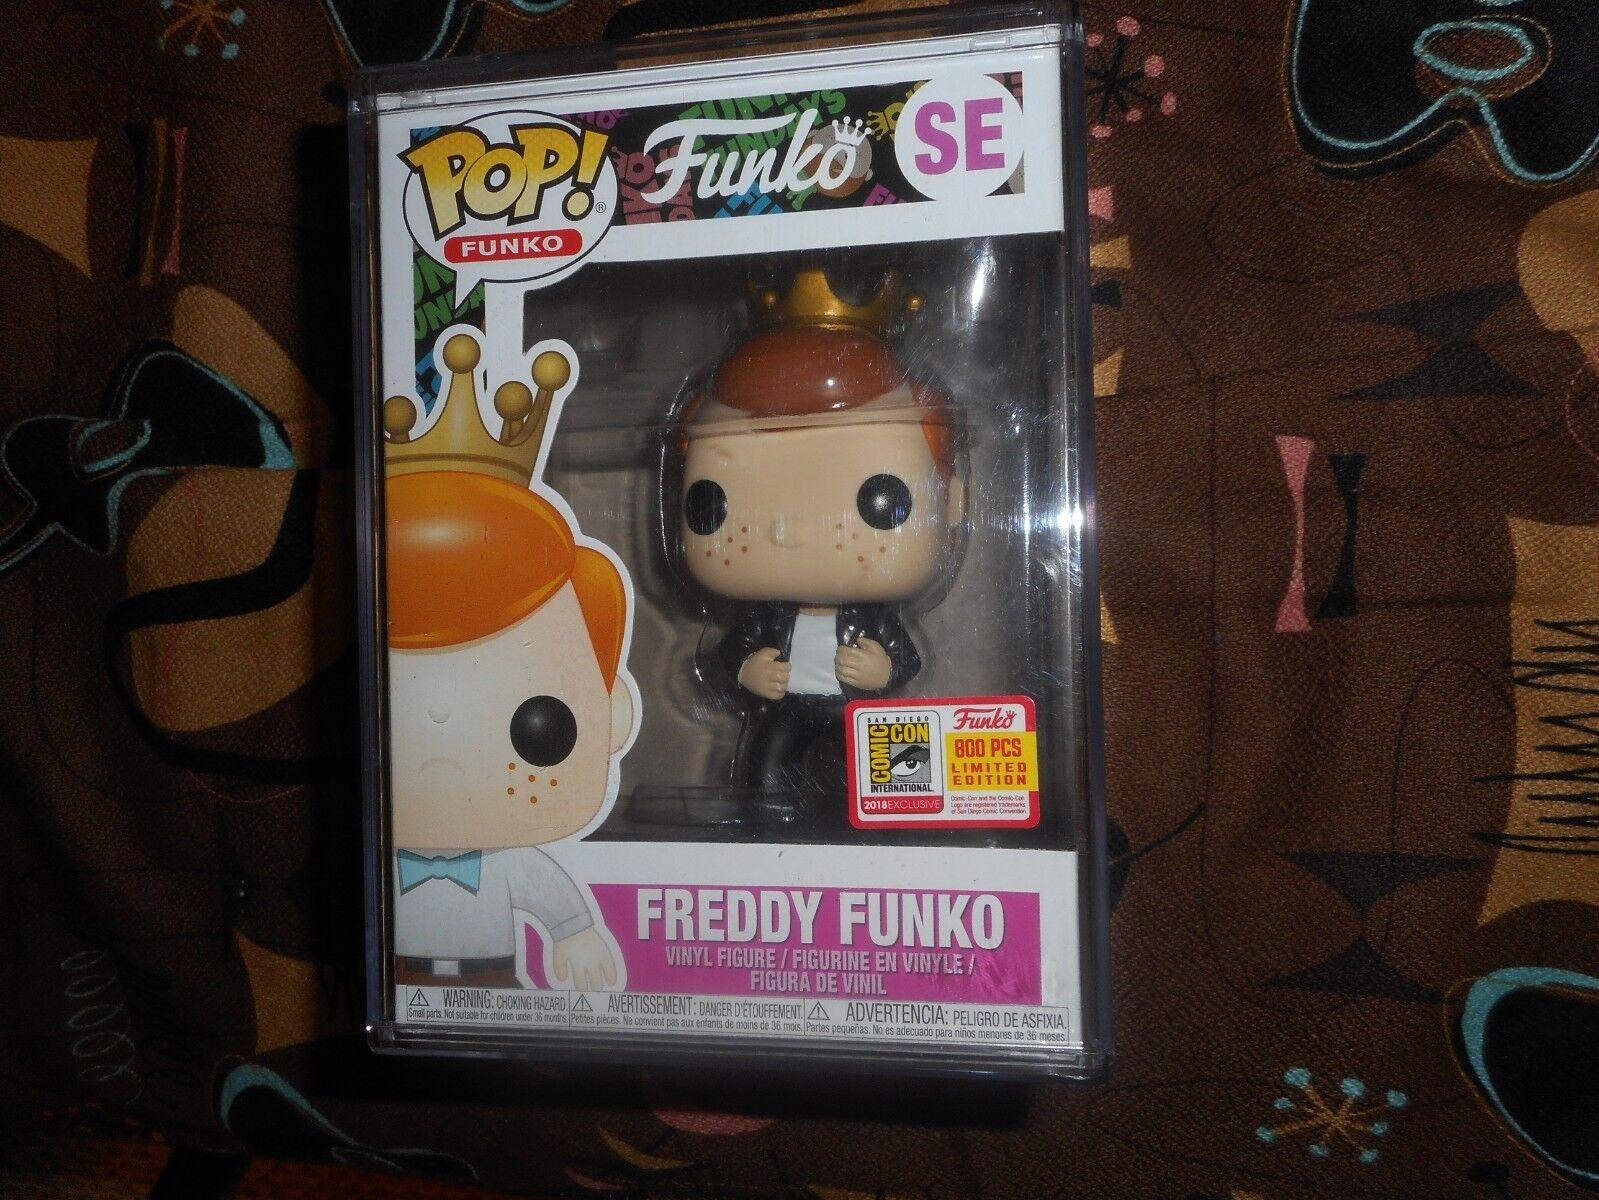 Funko Pop Frojody Funko  Chaqueta de cuero (Danny) de grasa en Projoector 800pc le